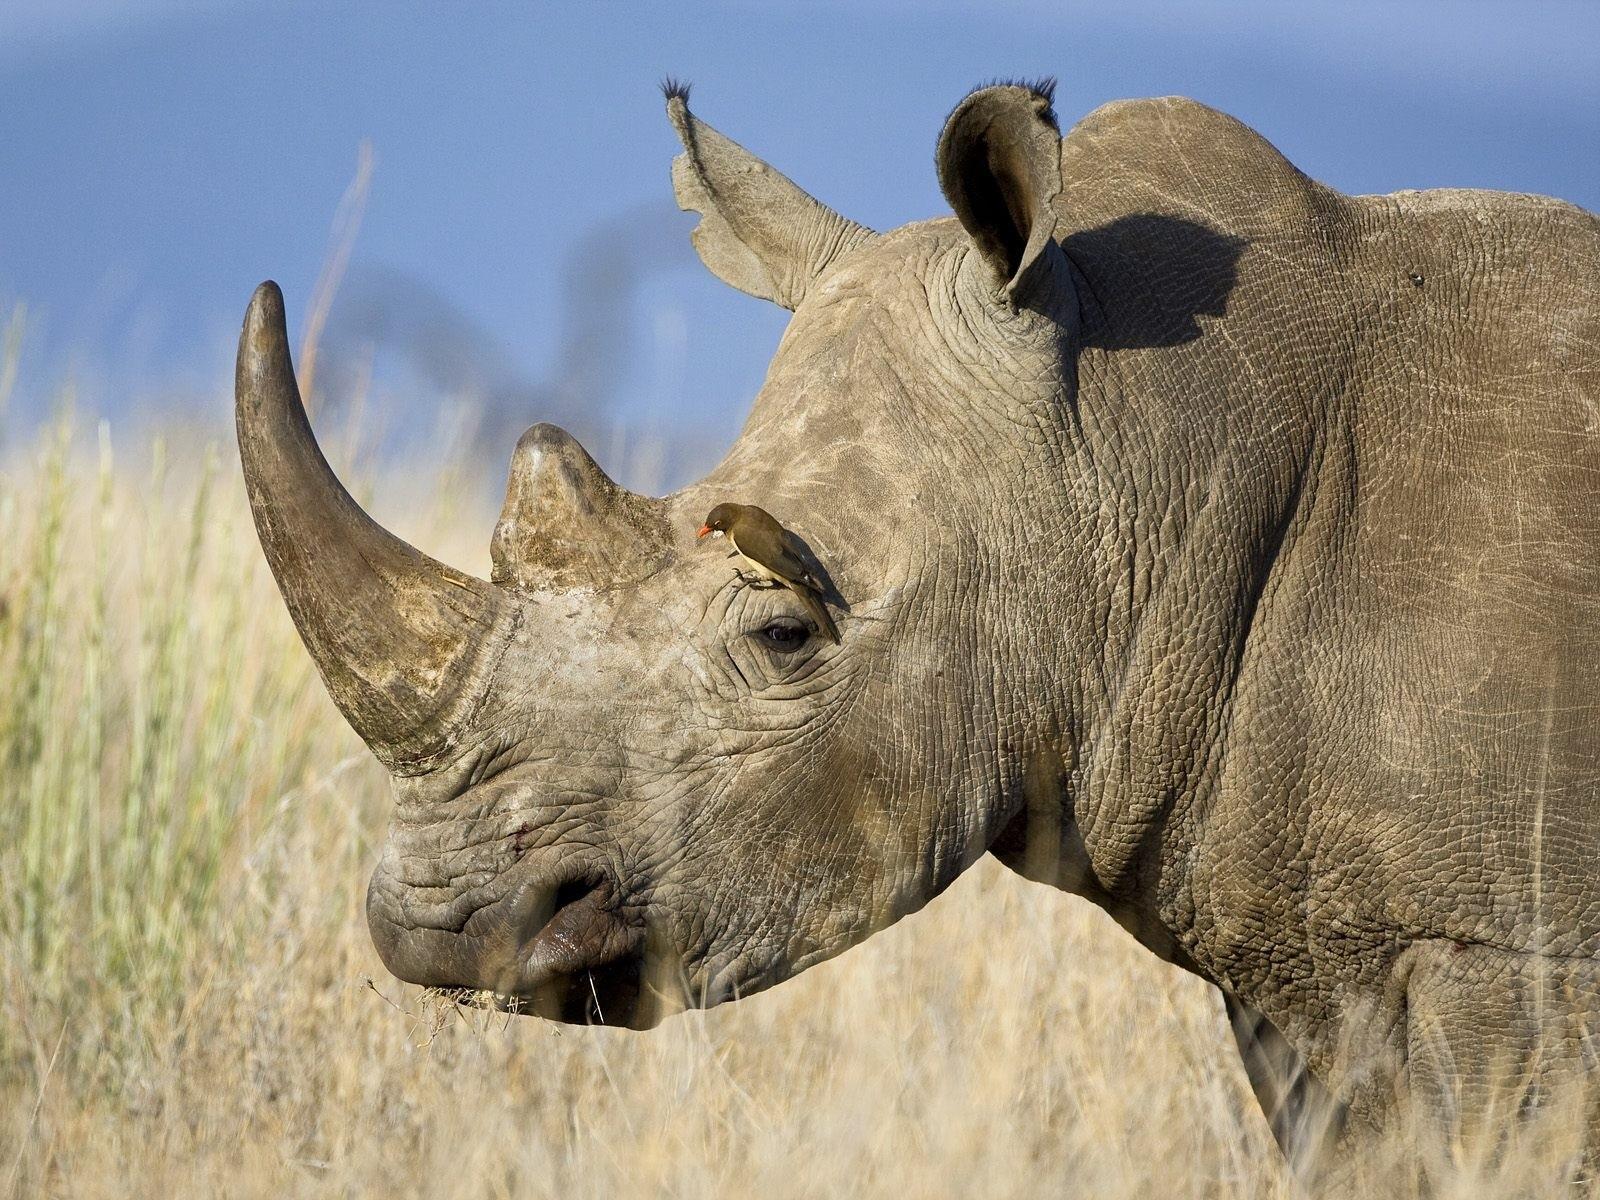 Un rinoceronte con dos cuernos - 1600x1200